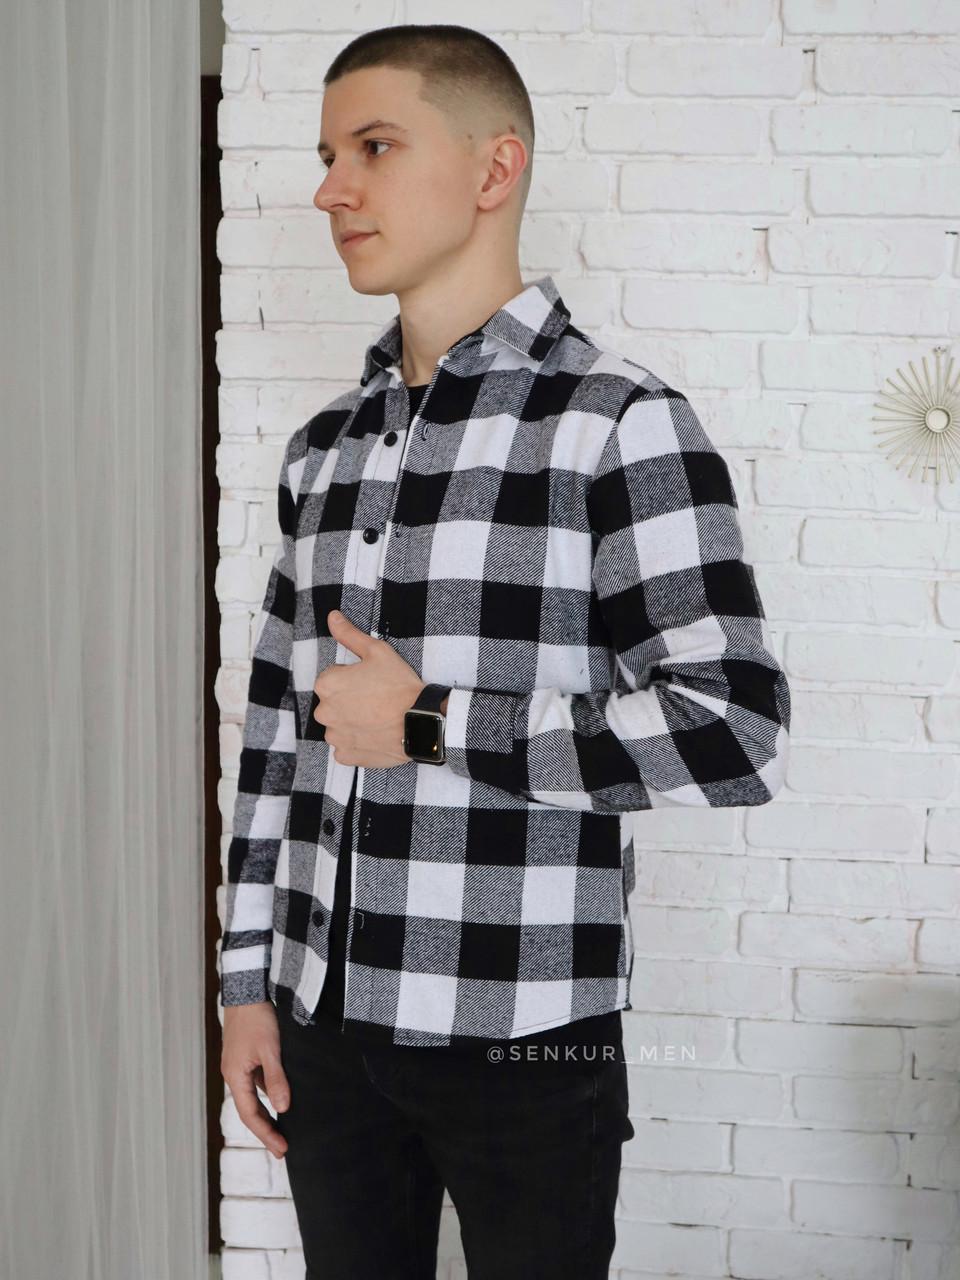 Мужская рубашка в клетку черно-белая XL